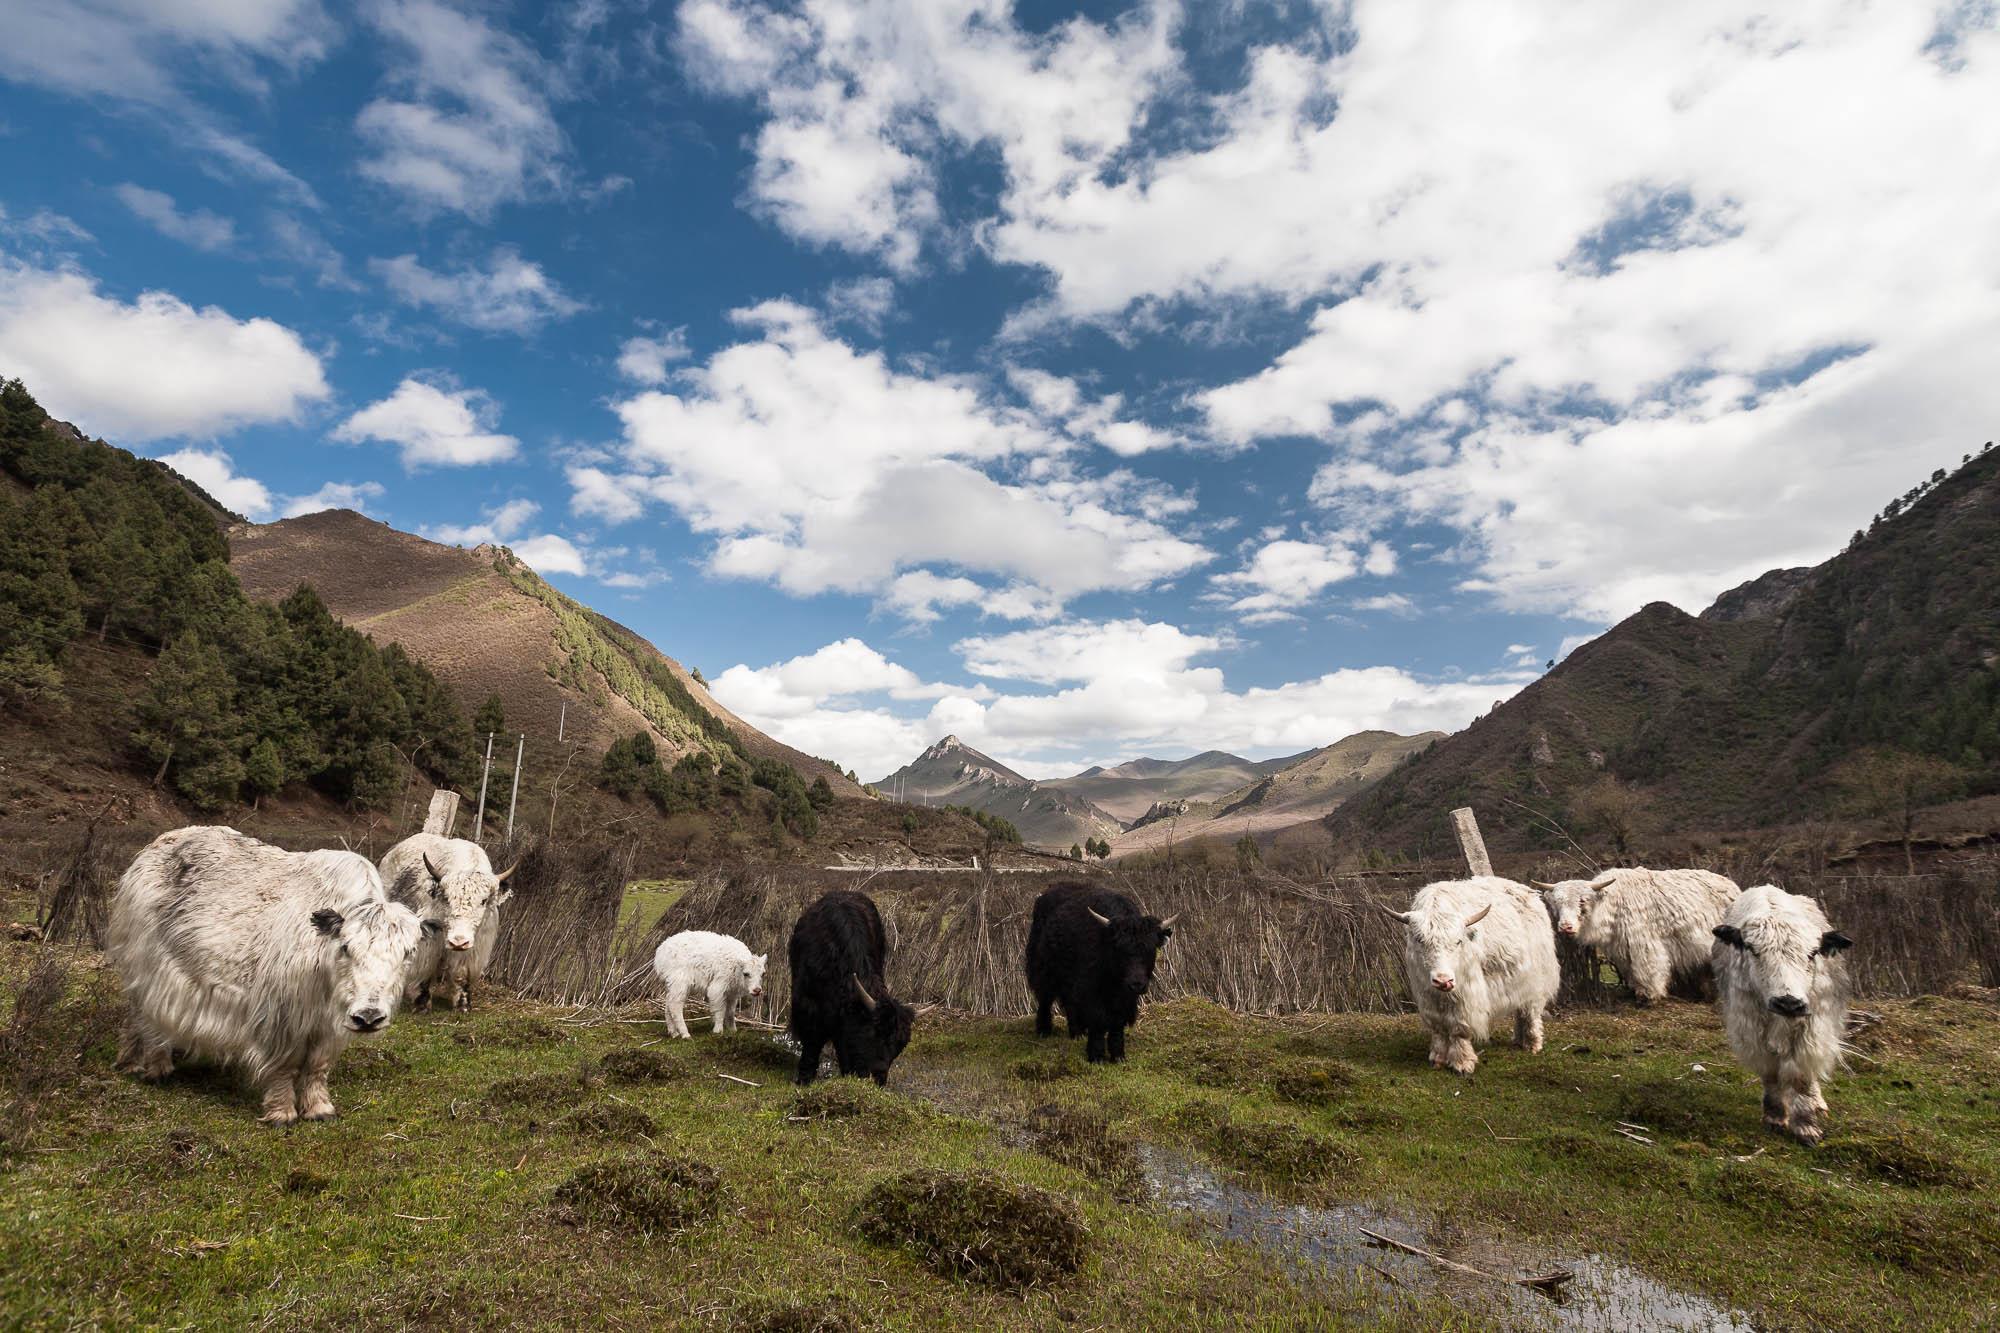 white and black yaks